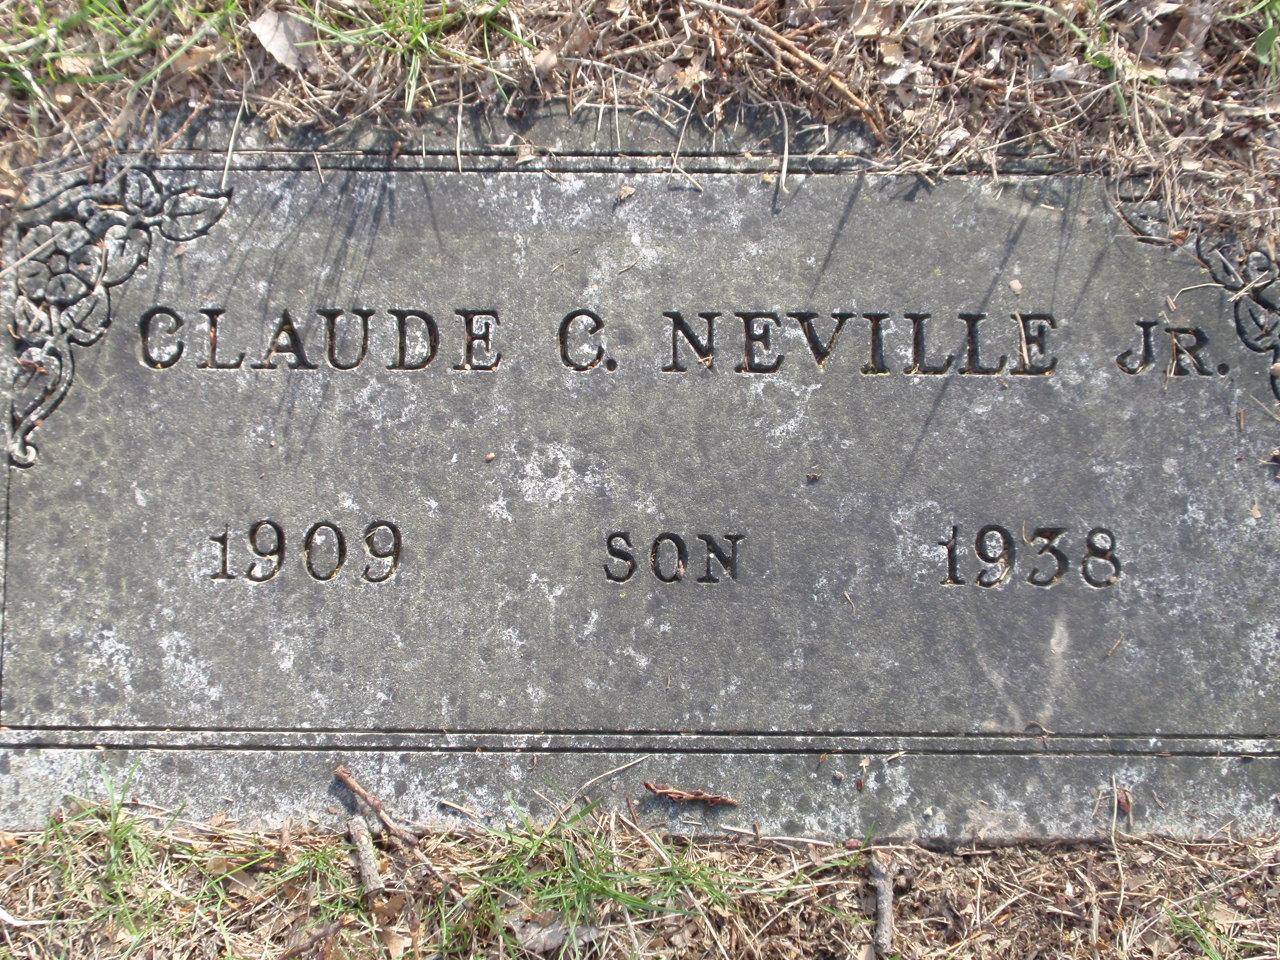 Claude C. Neville, Jr.